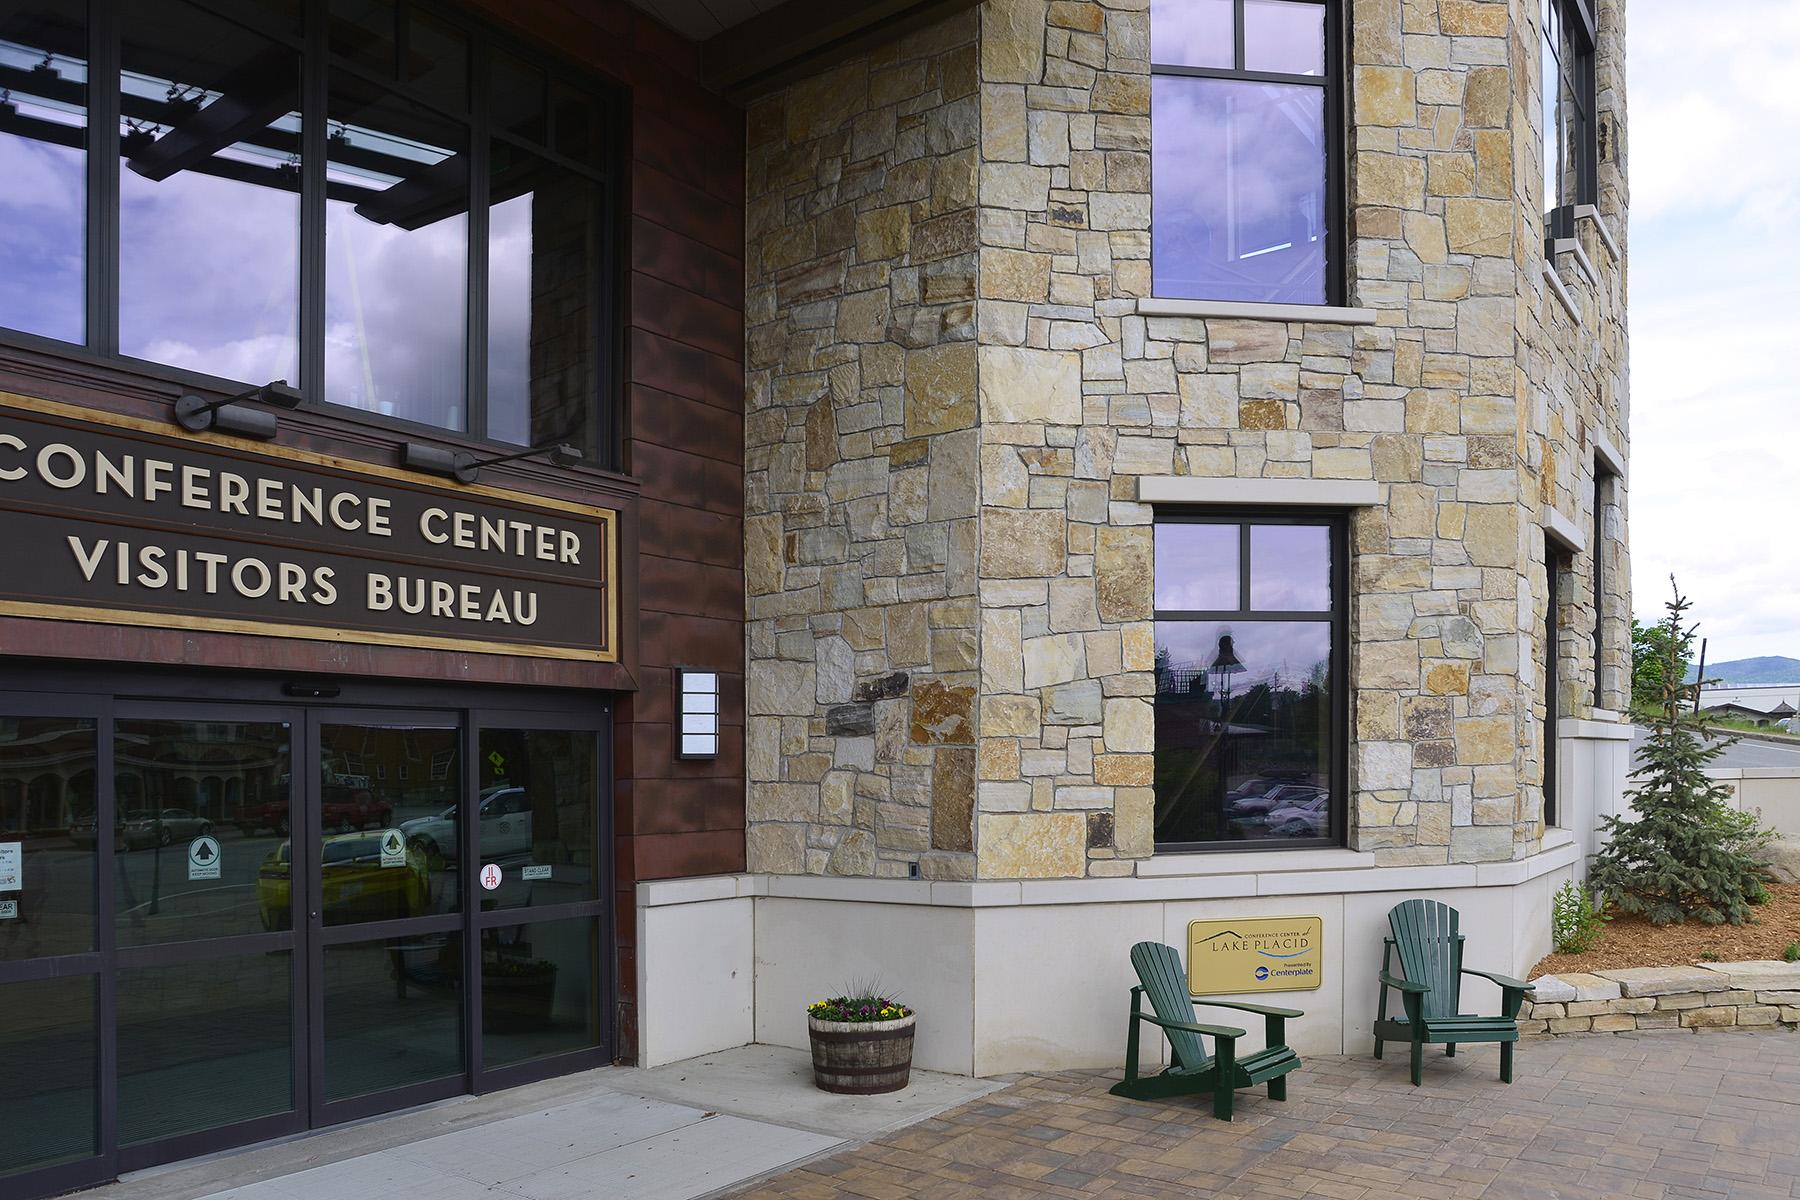 conference center visitors bureau building